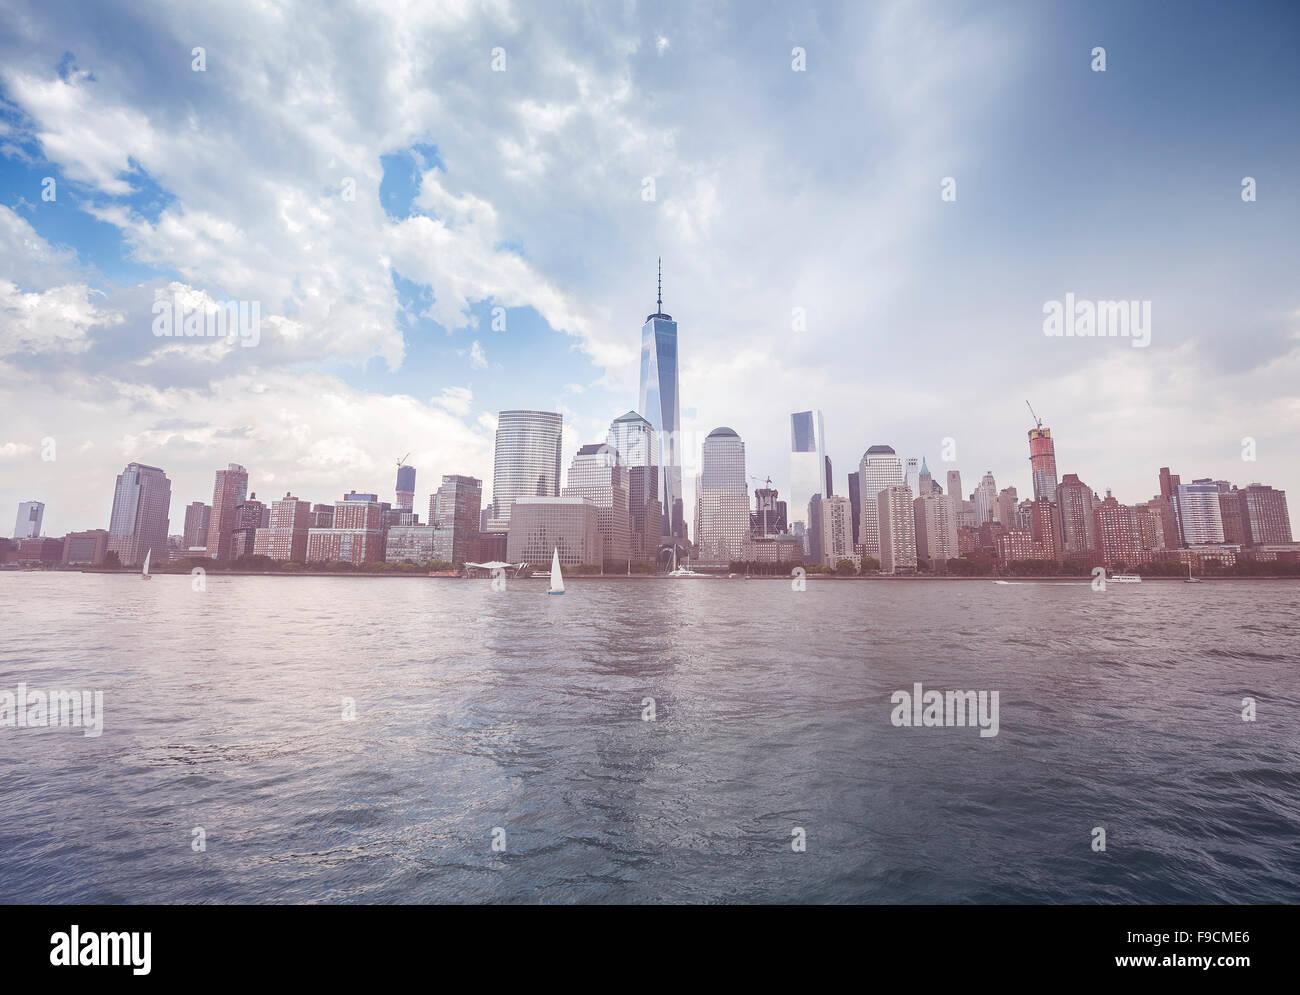 Imagen en tonos vintage de Nueva York waterfront antes de lluvia, USA. Imagen De Stock